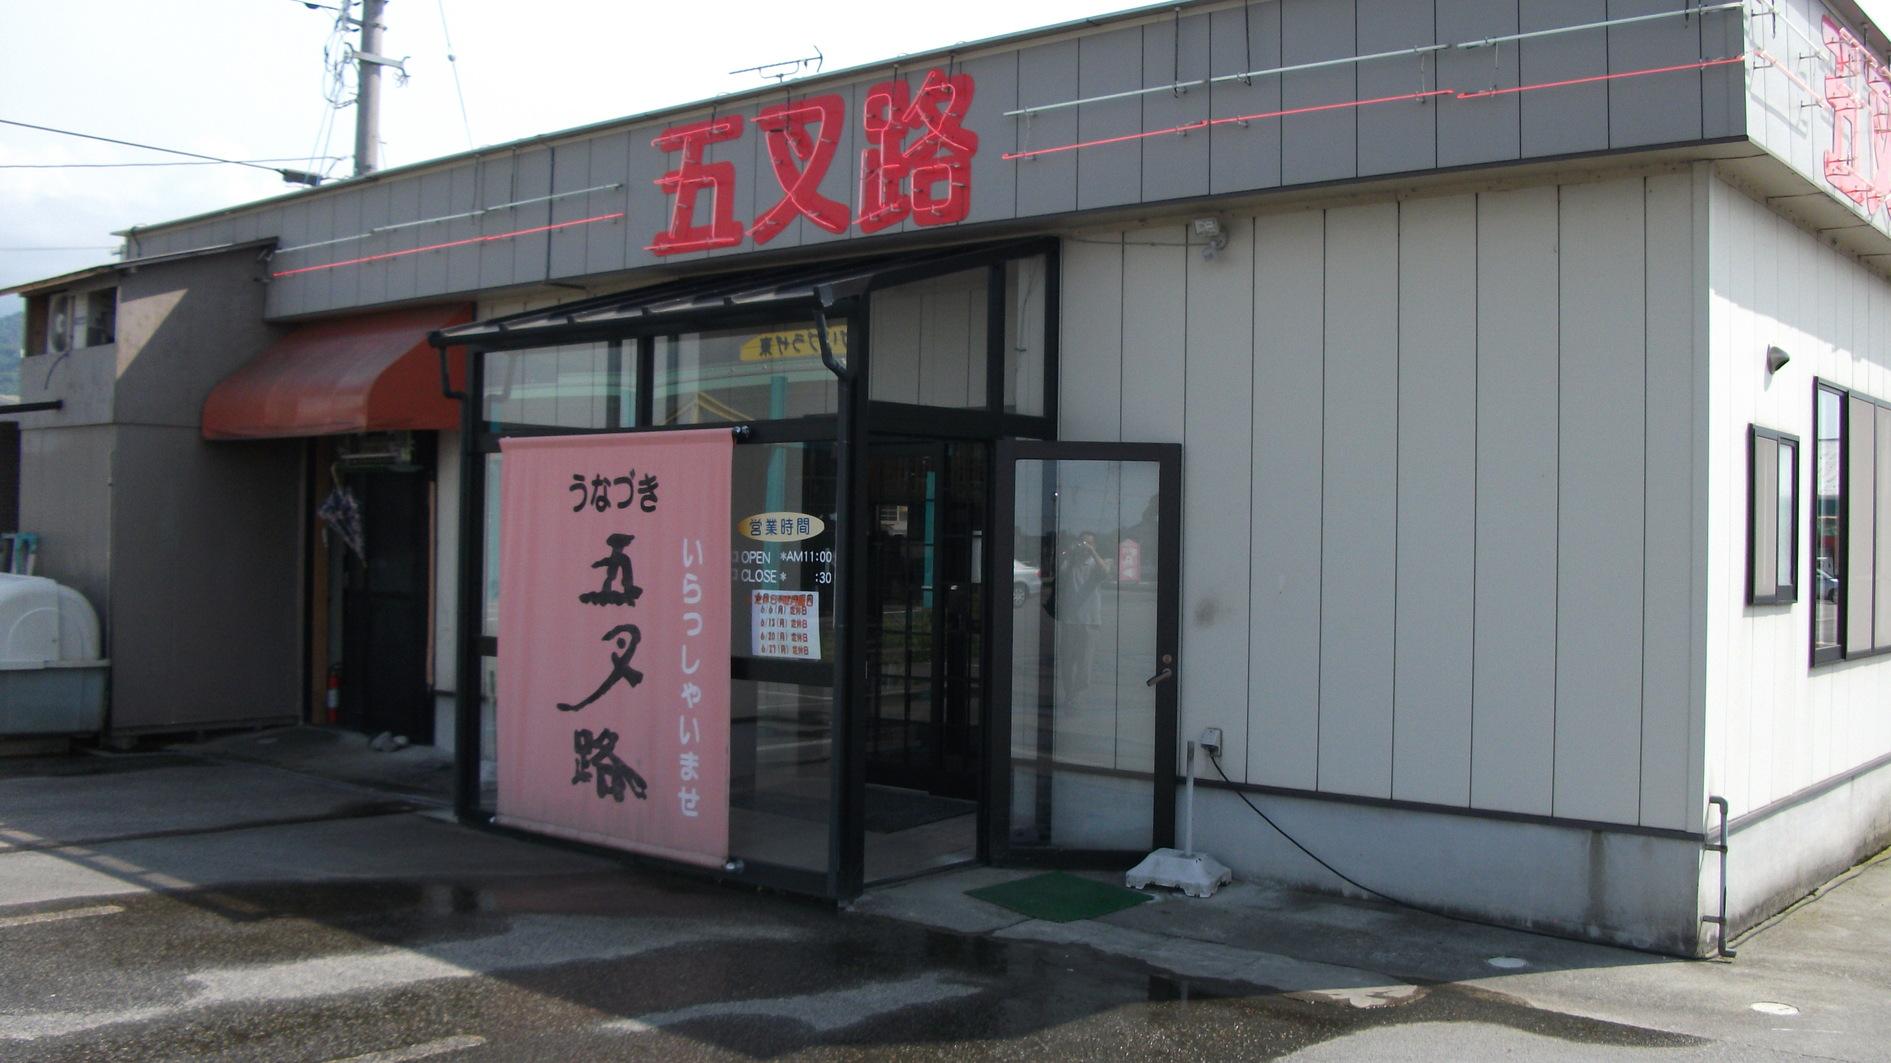 五叉路 宇奈月店